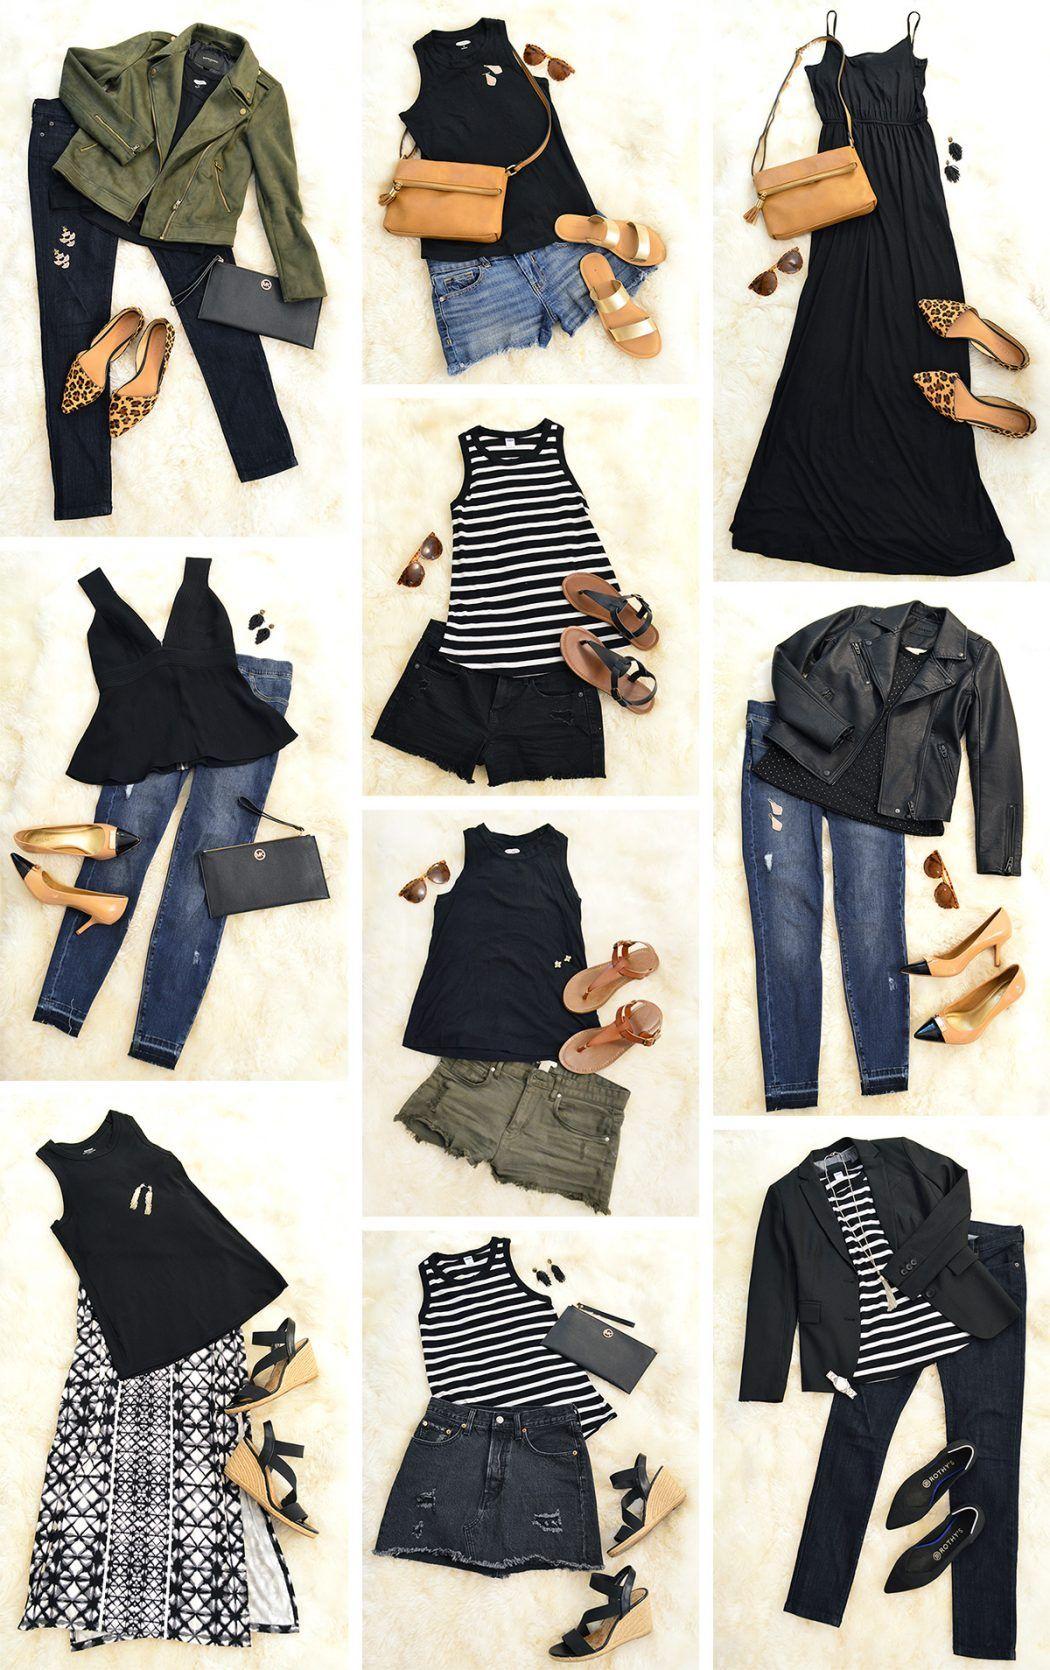 My Minimal Wardrobe - How Having A